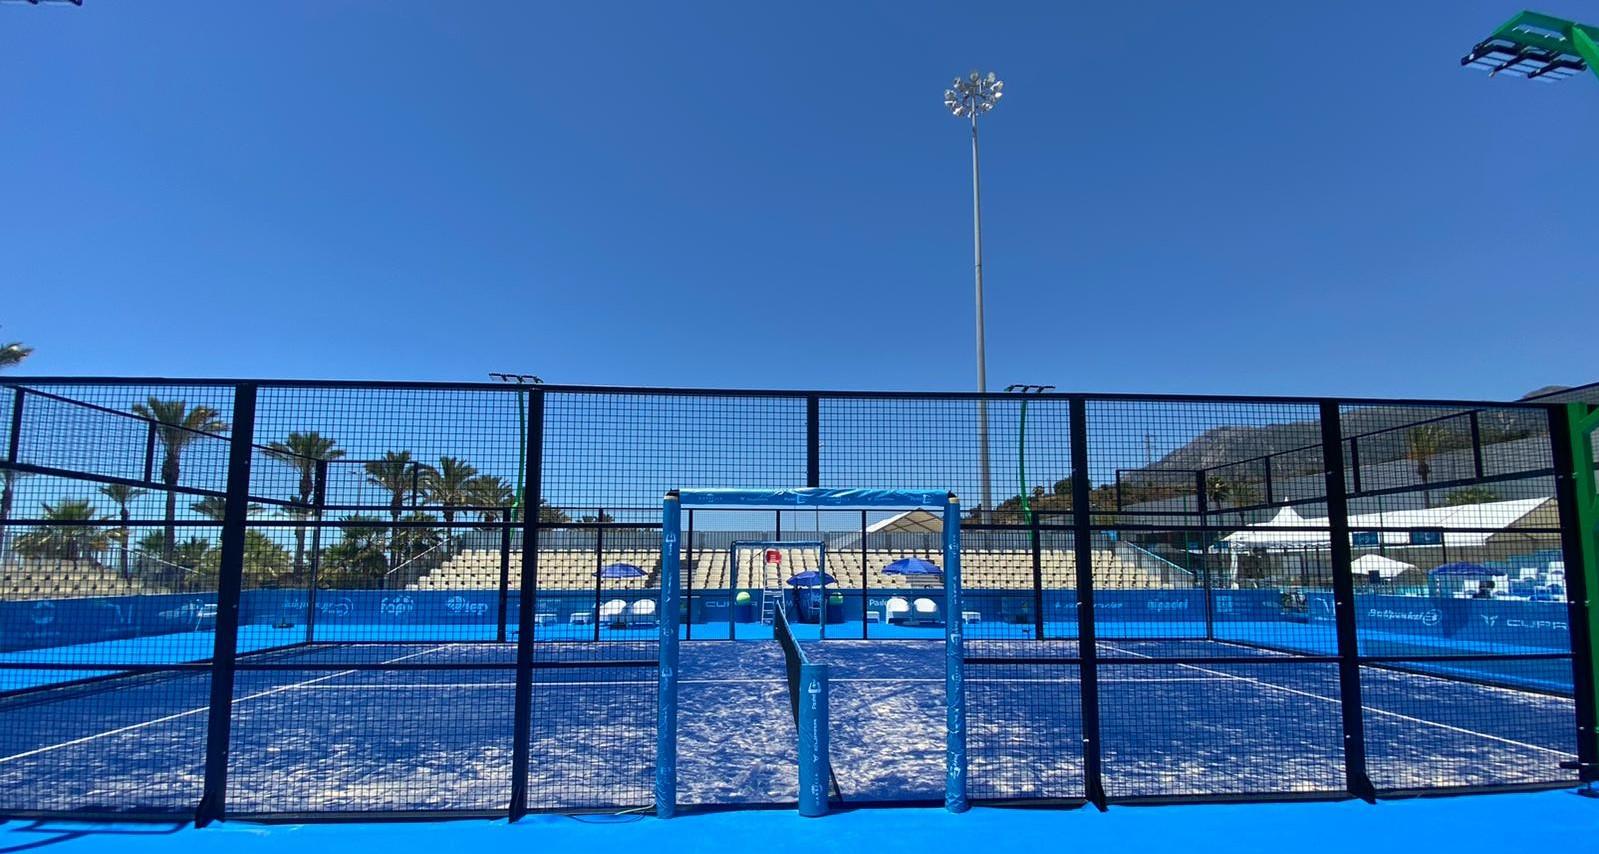 Pista de padel marbella campeonato europa 2021 FIP